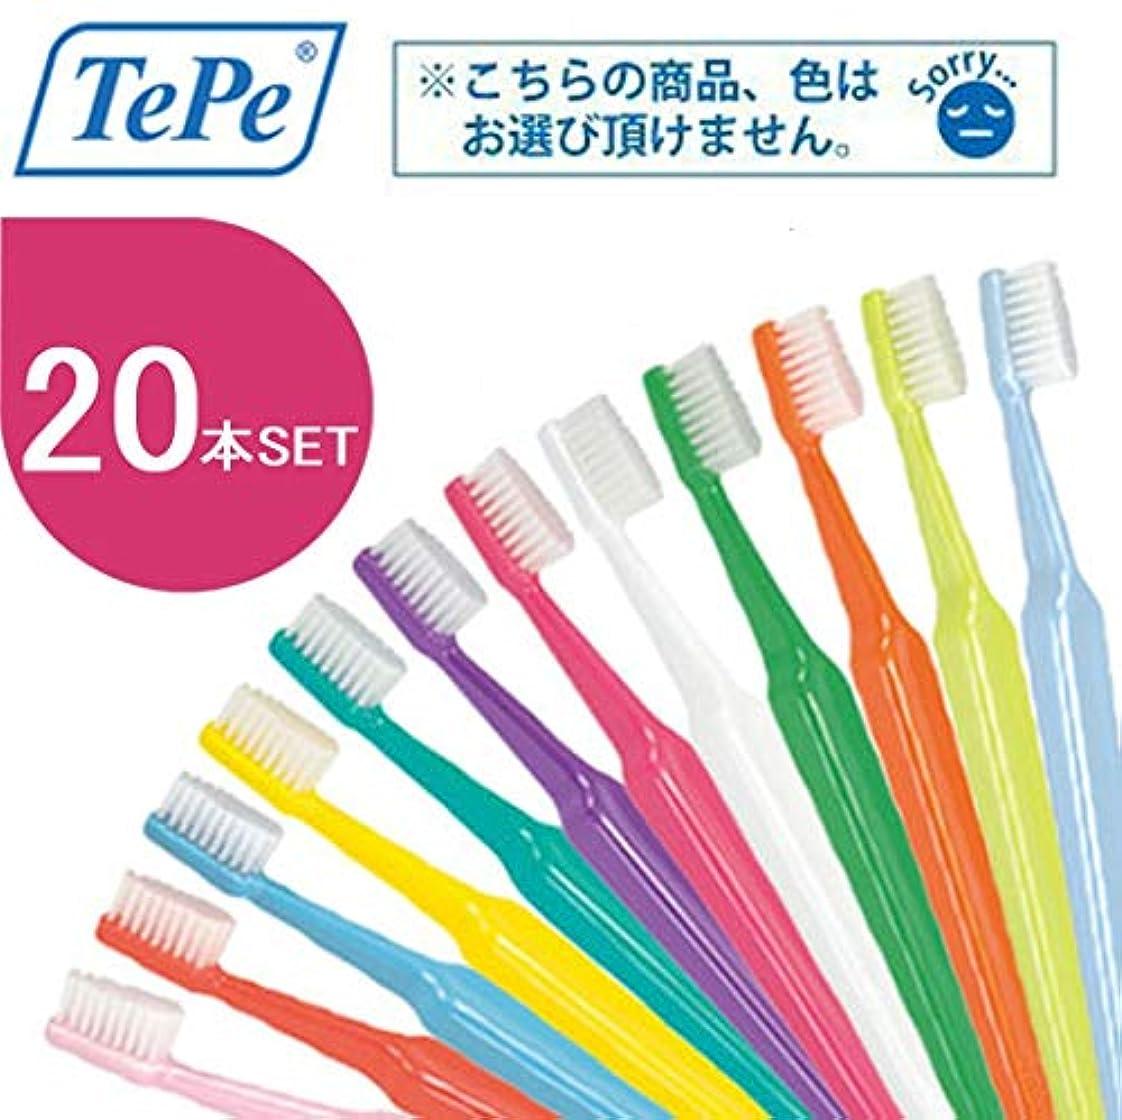 人工的な傑出した素晴らしきクロスフィールド TePe テペ セレクト 歯ブラシ 20本 (ミディアム)